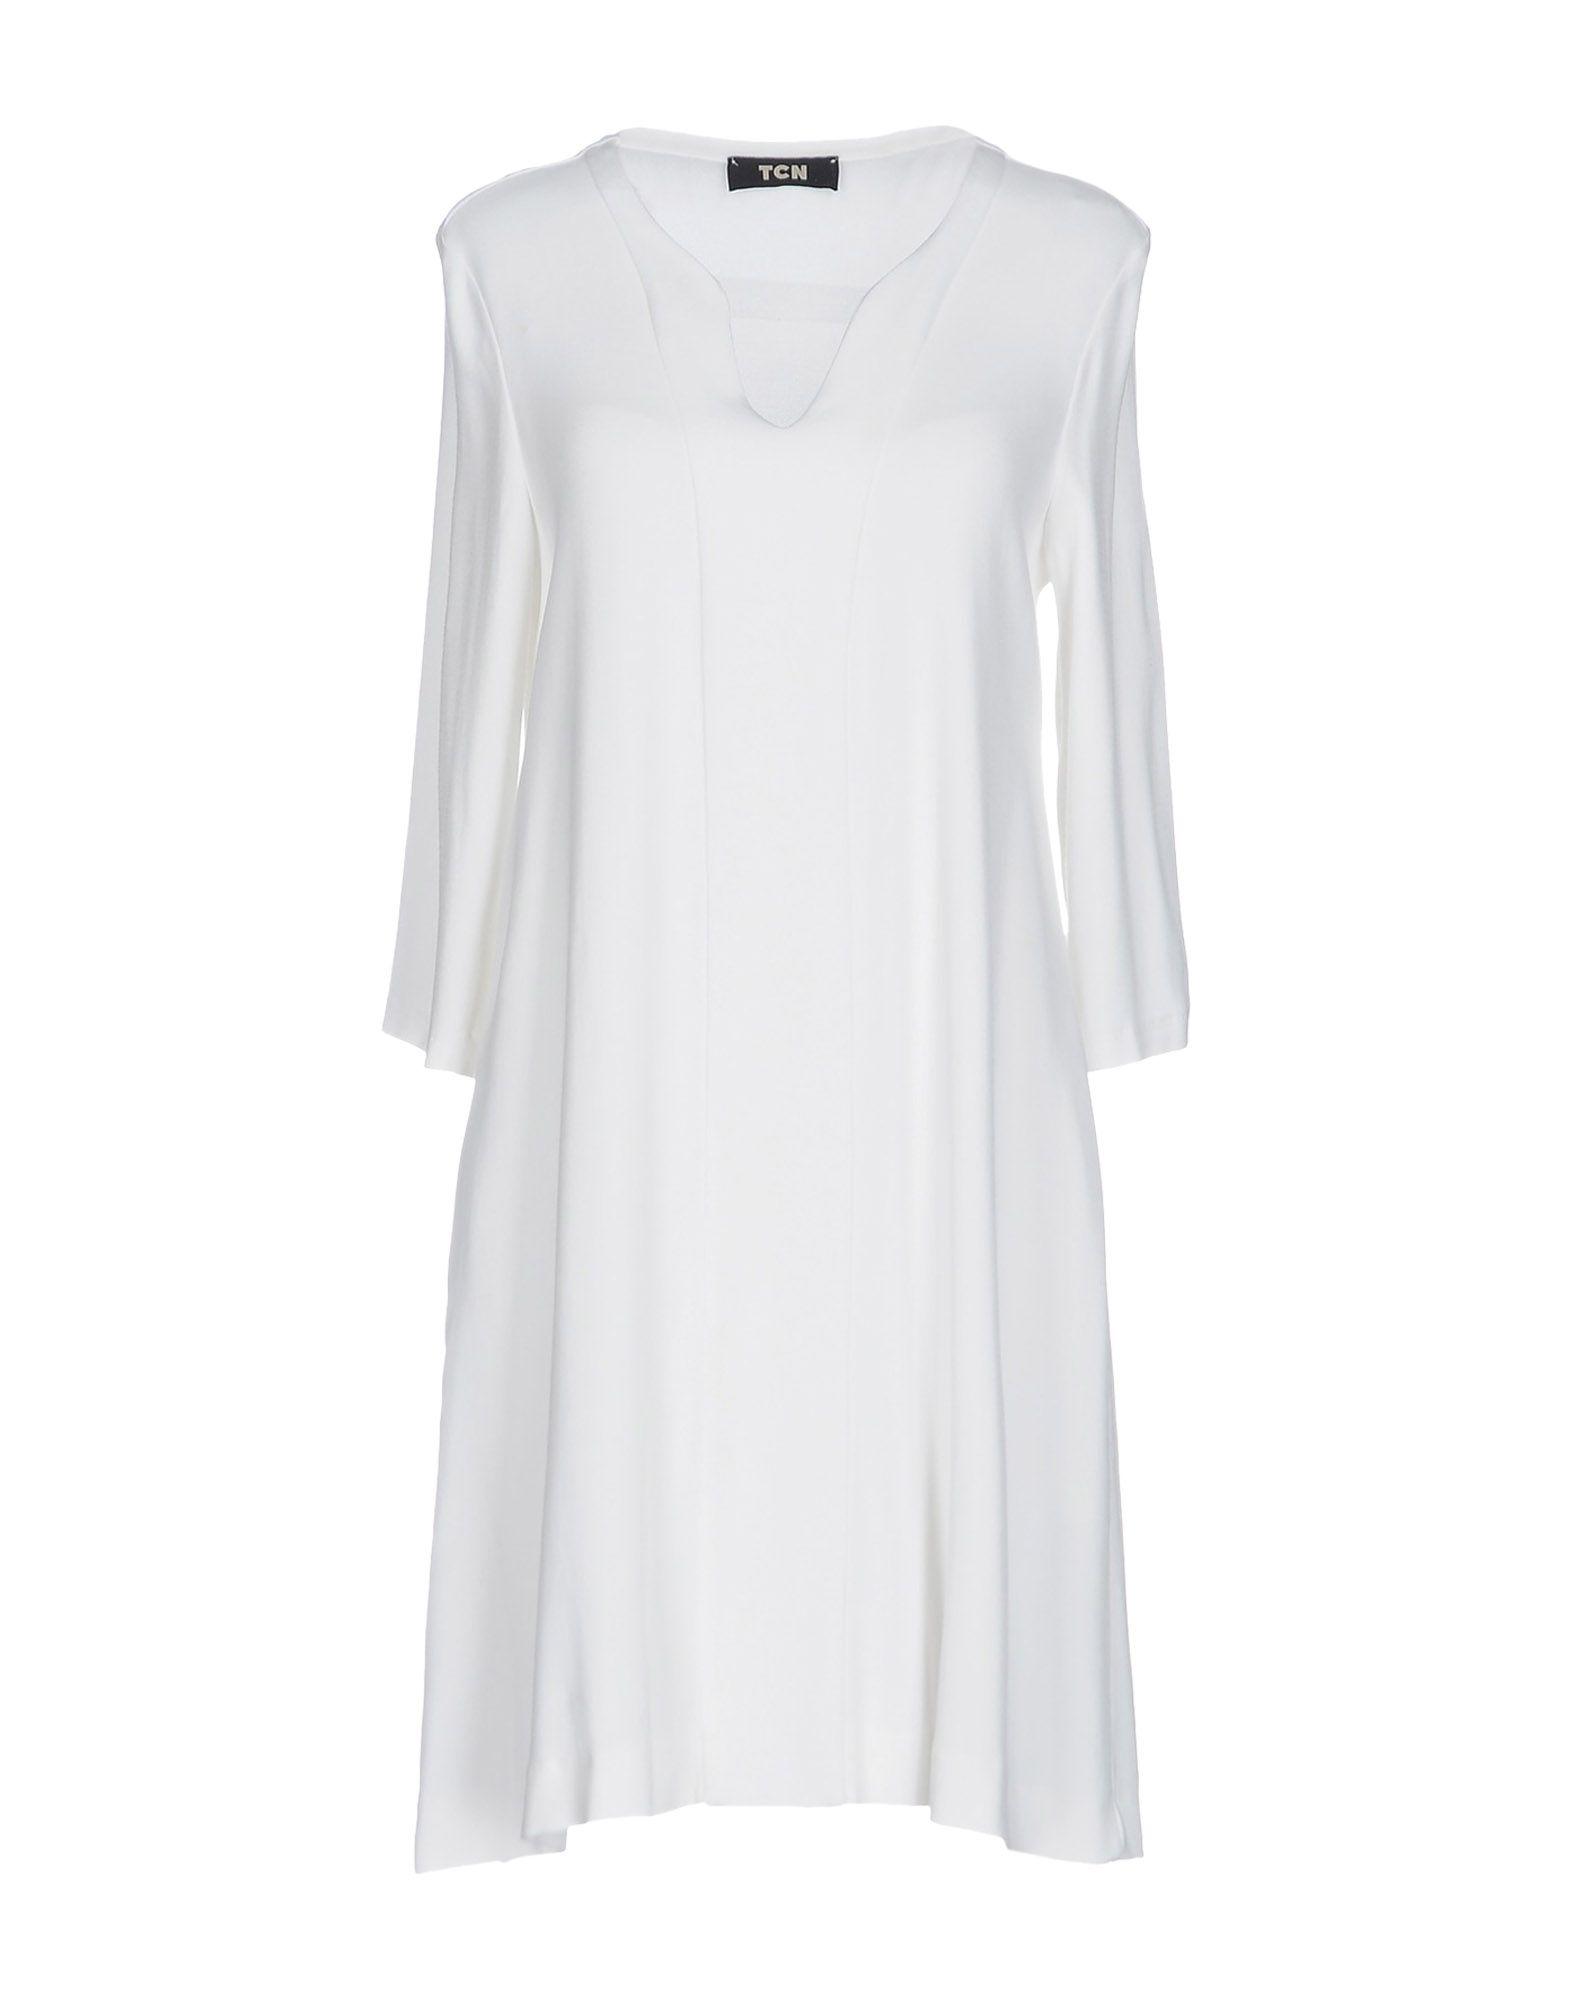 TOTON COMELLA - TCN Damen Kurzes Kleid Farbe Weiß Größe 5